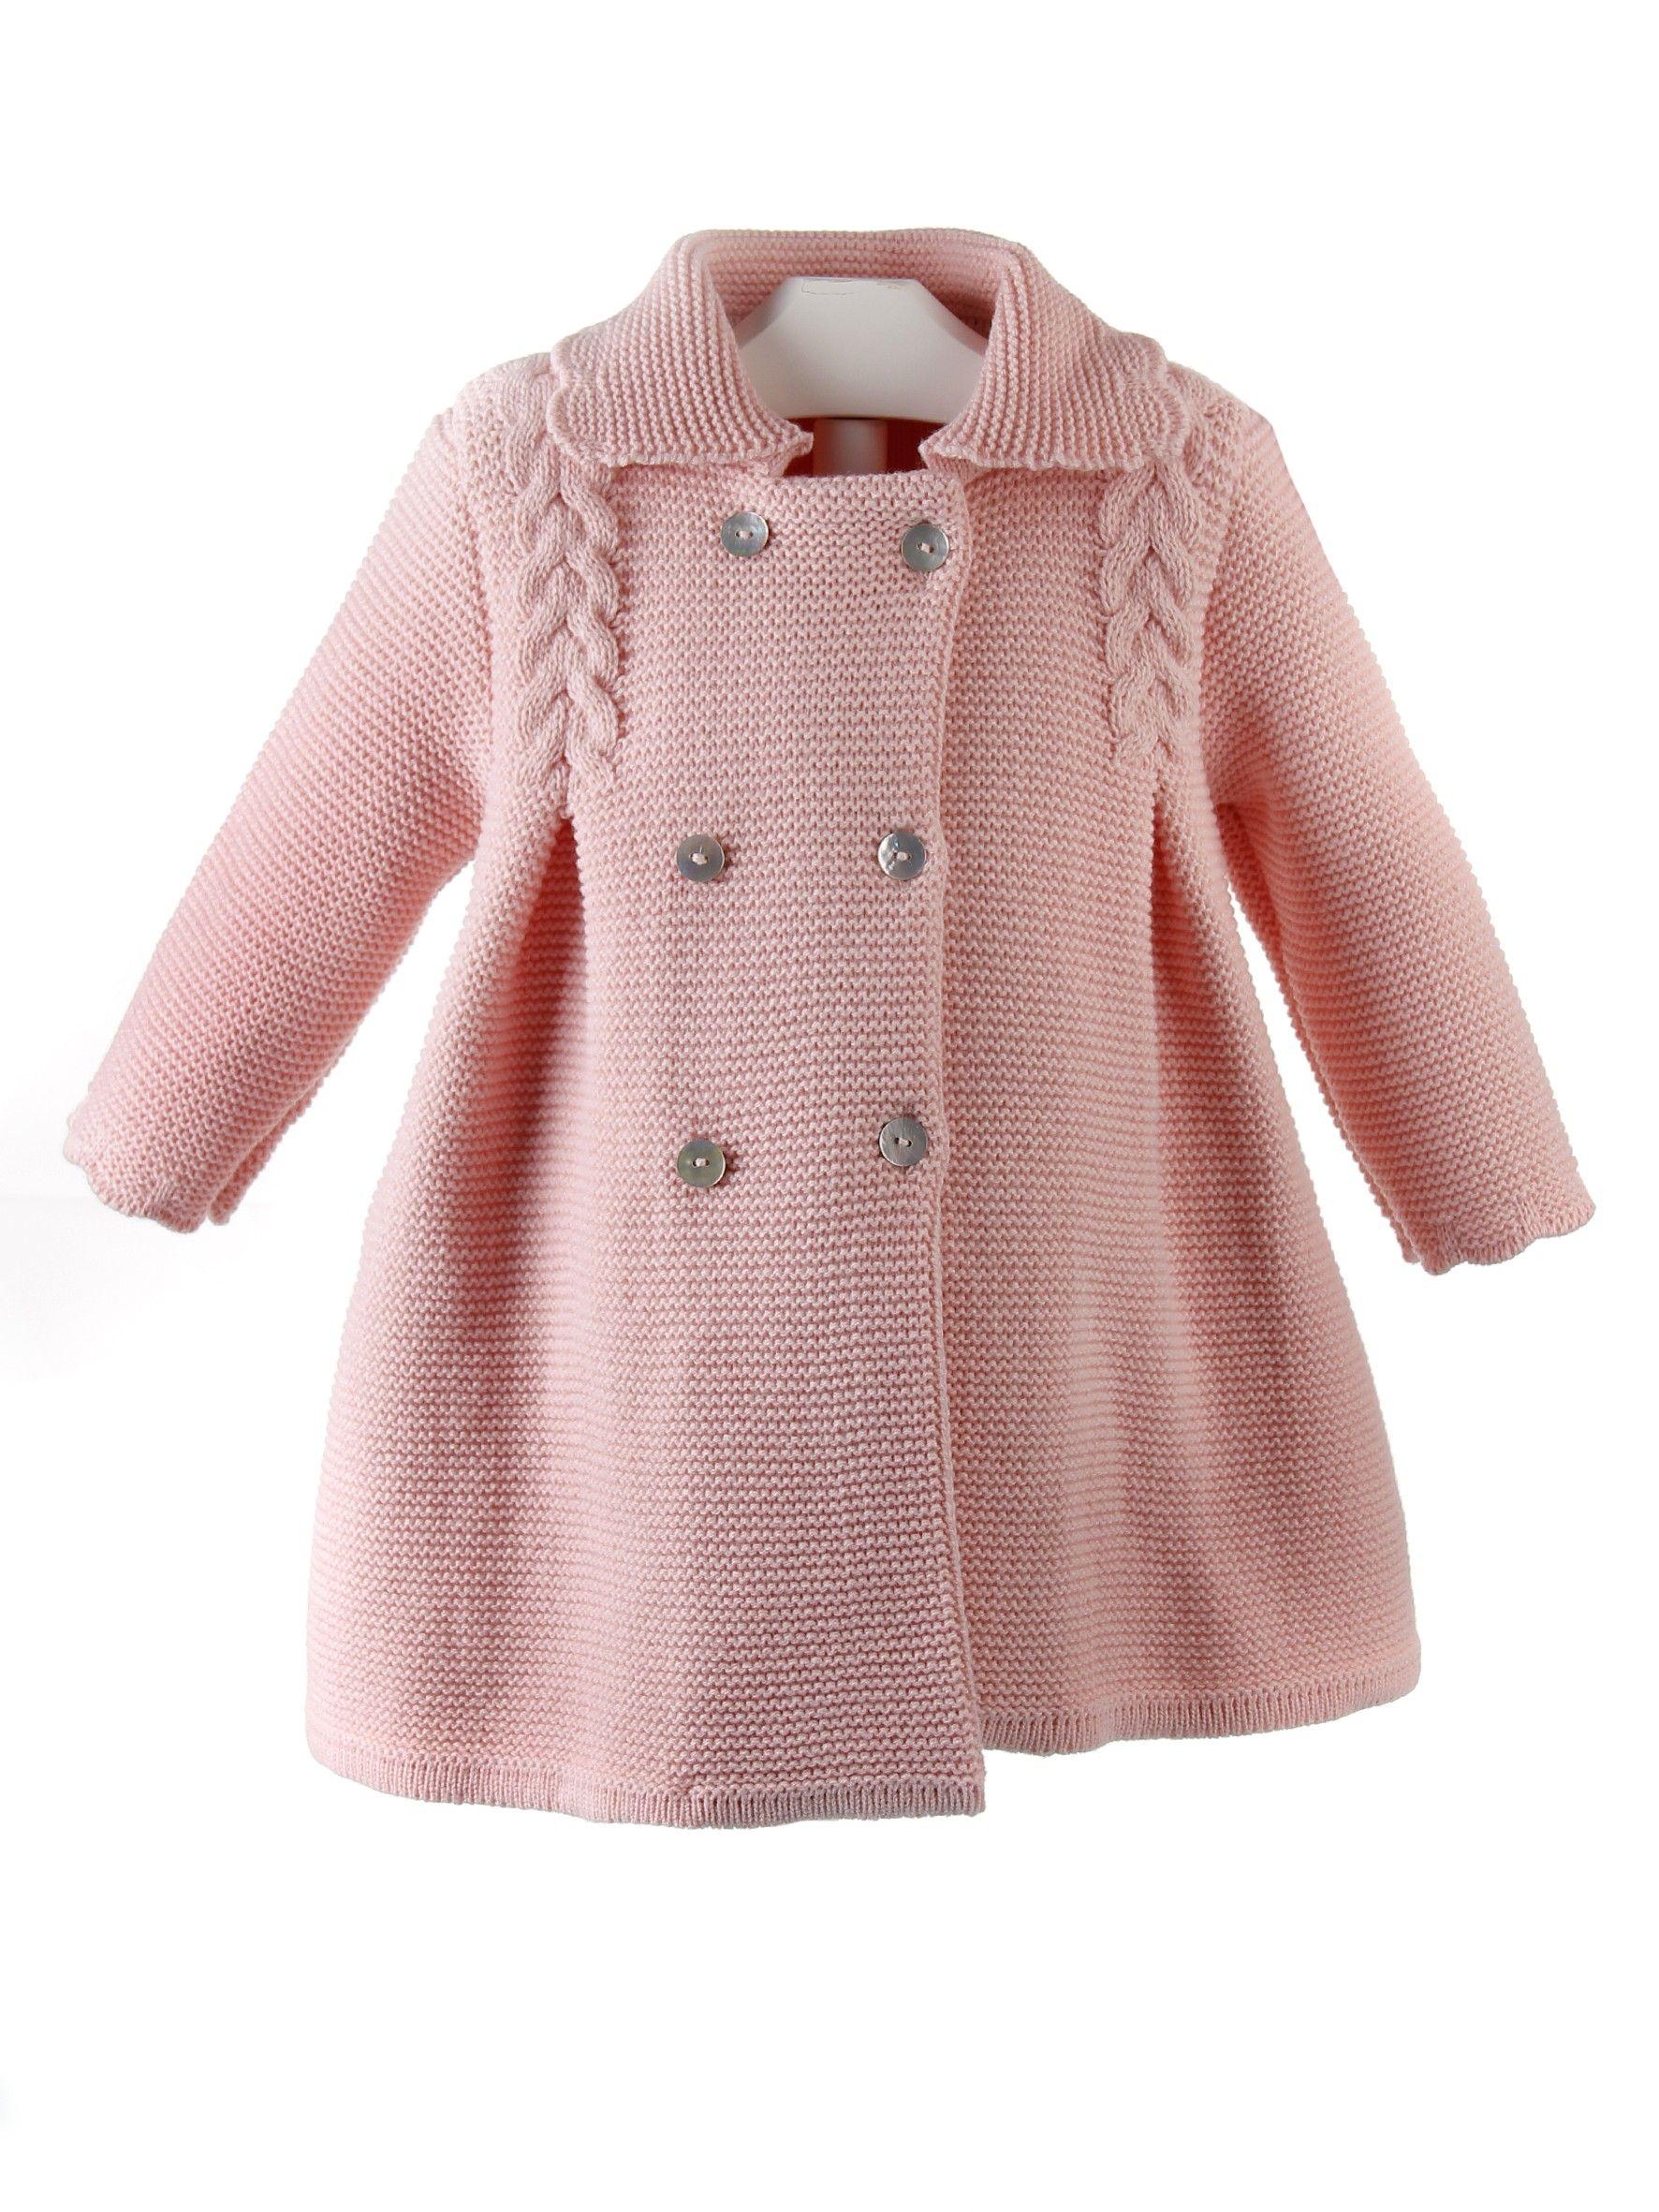 aa2966fe95bea Como hacer un abrigo de lana nina – Chaquetas de hombre y mujer 2019